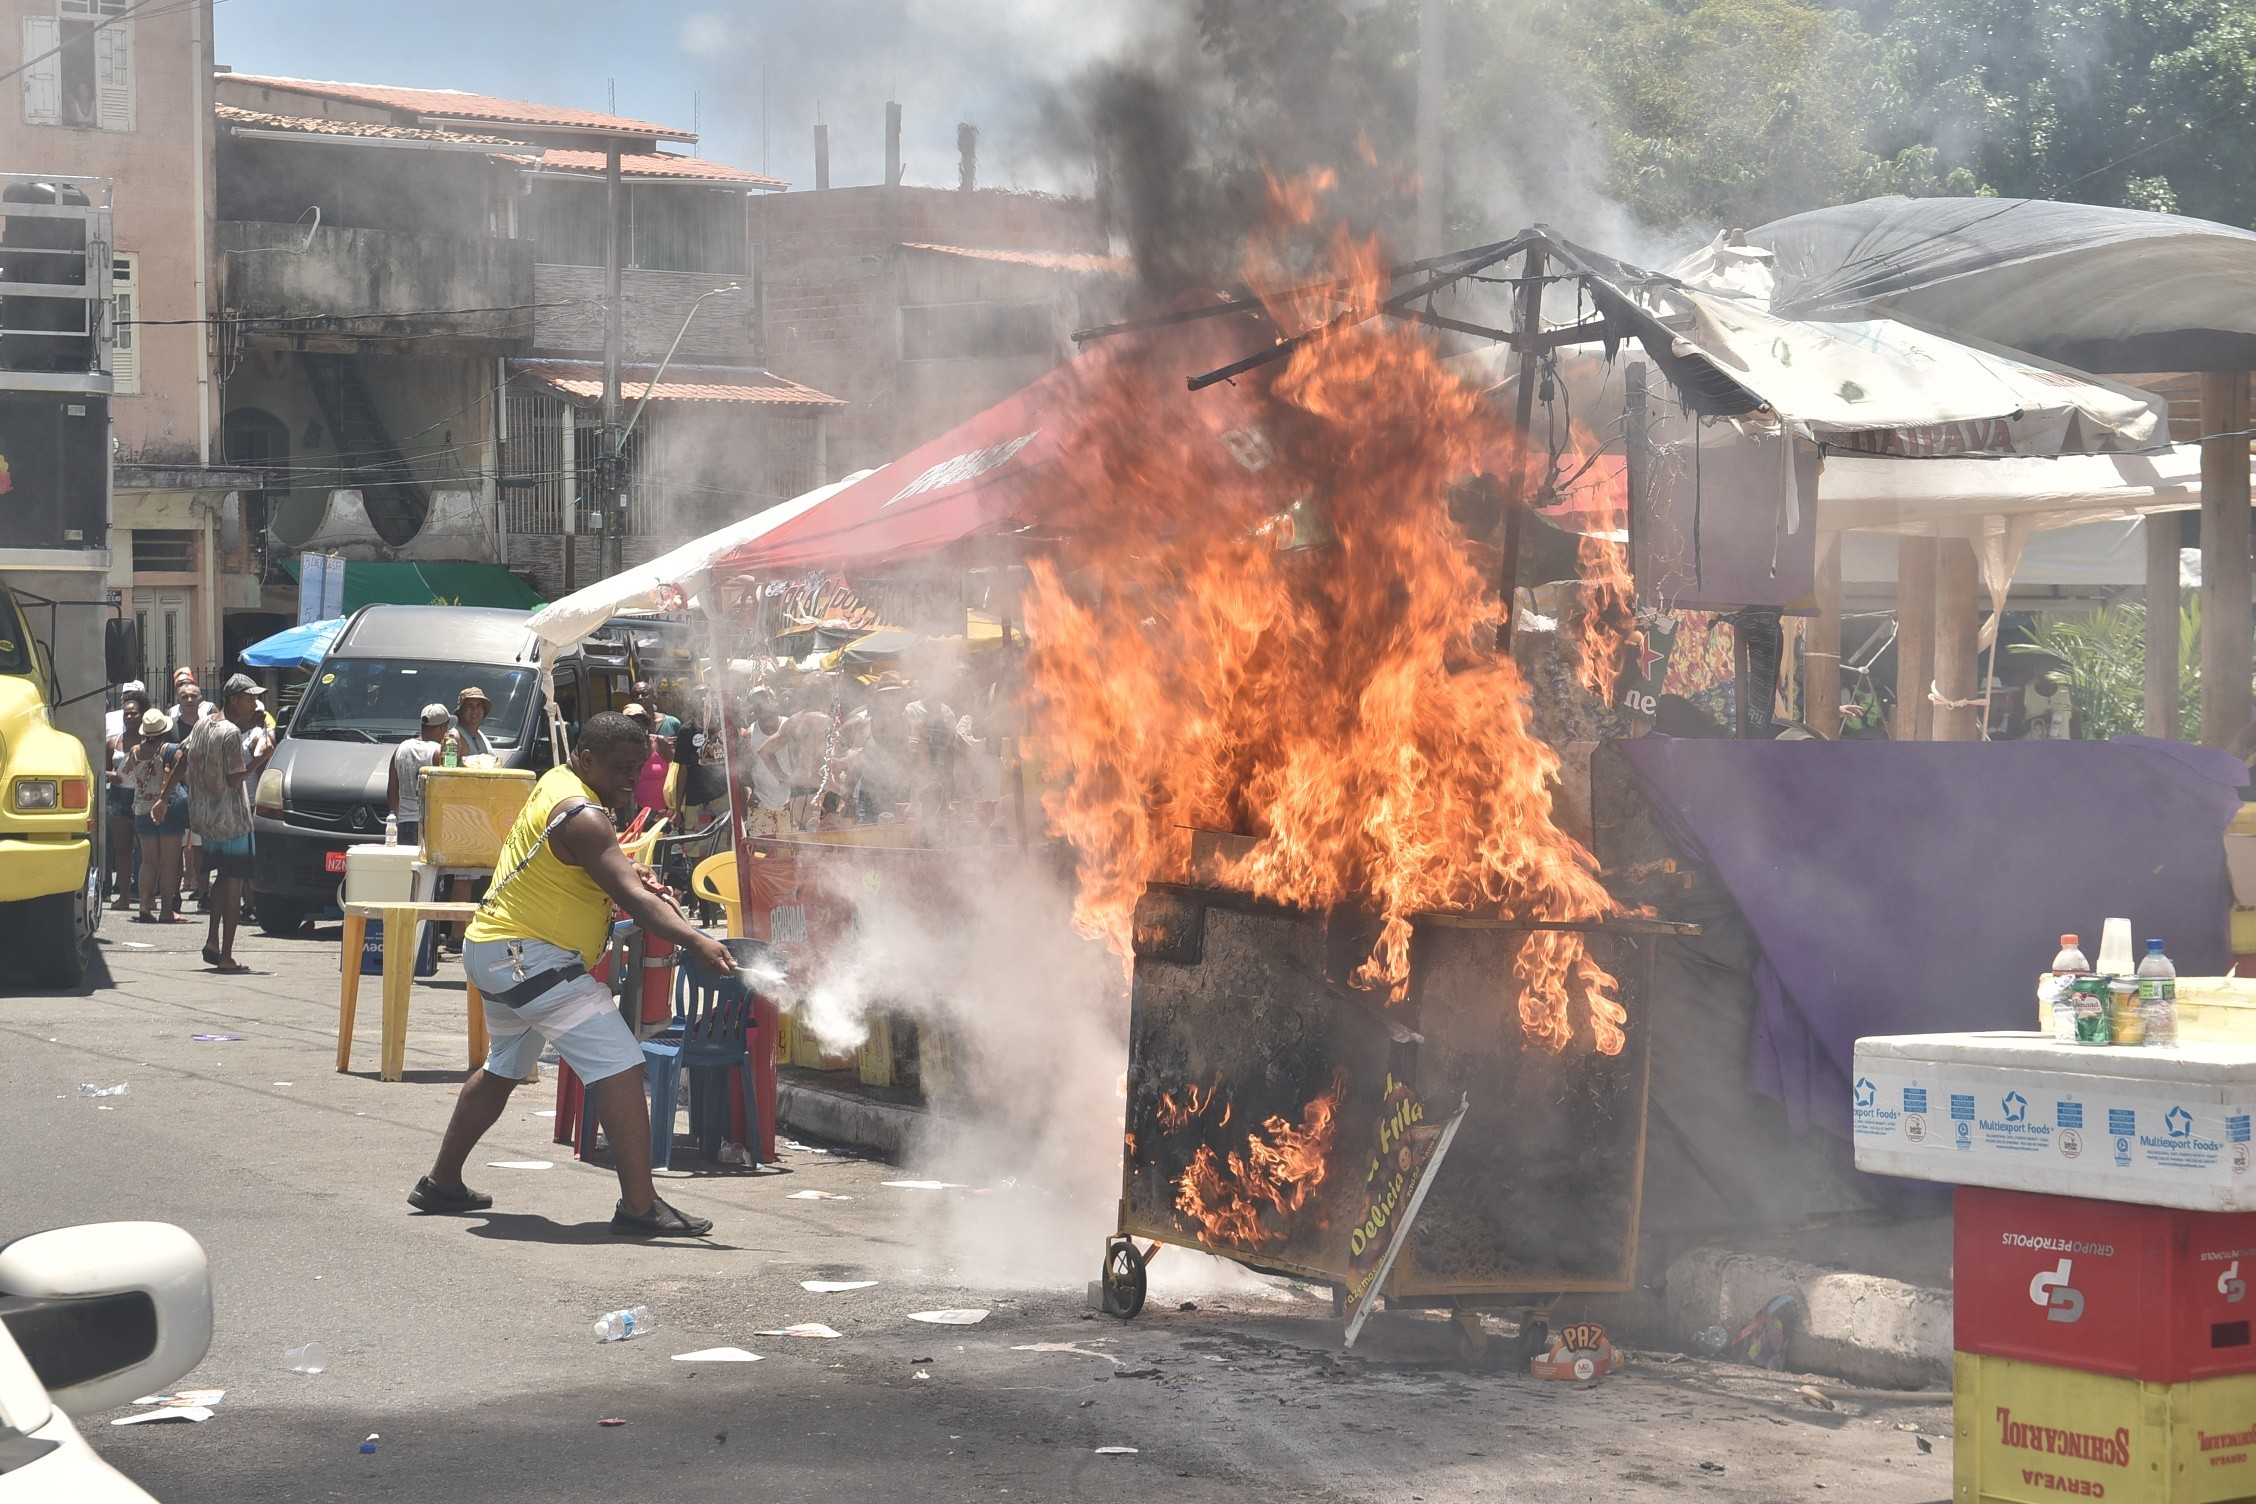 Carrinho de ambulante pega fogo durante 'Mudança do Garcia', em Salvador